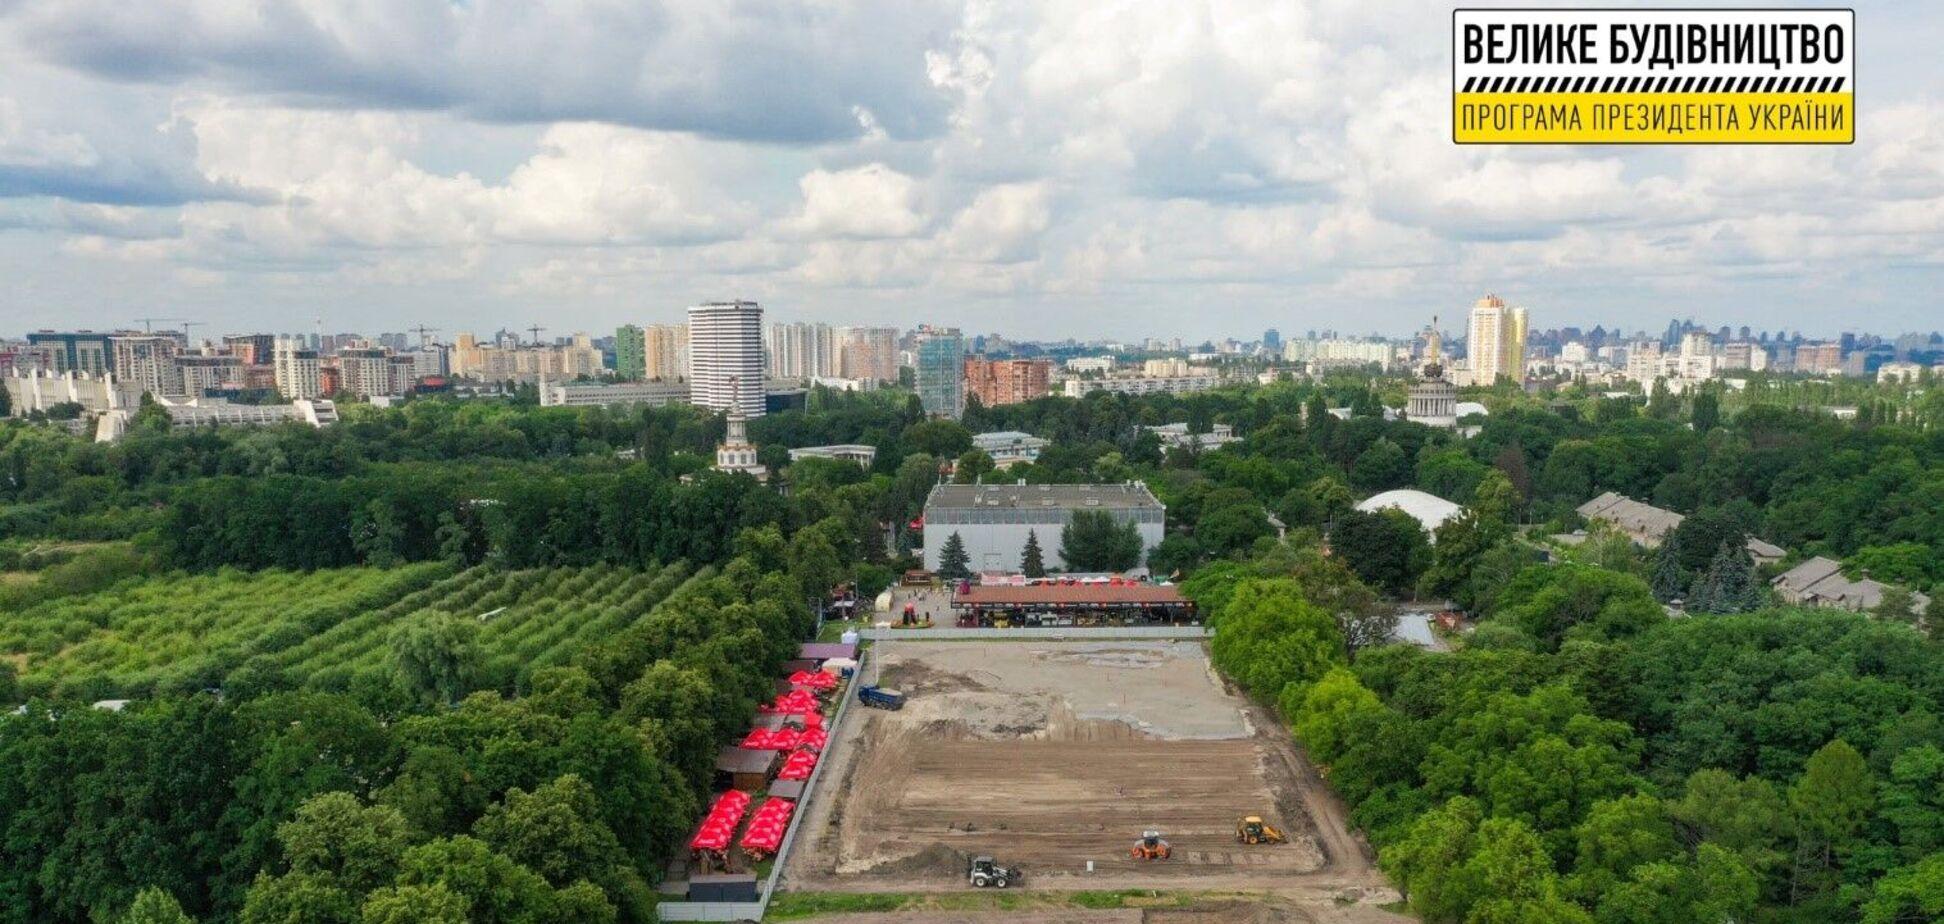 На ВНДГ продолжается строительство современного урбан-парка